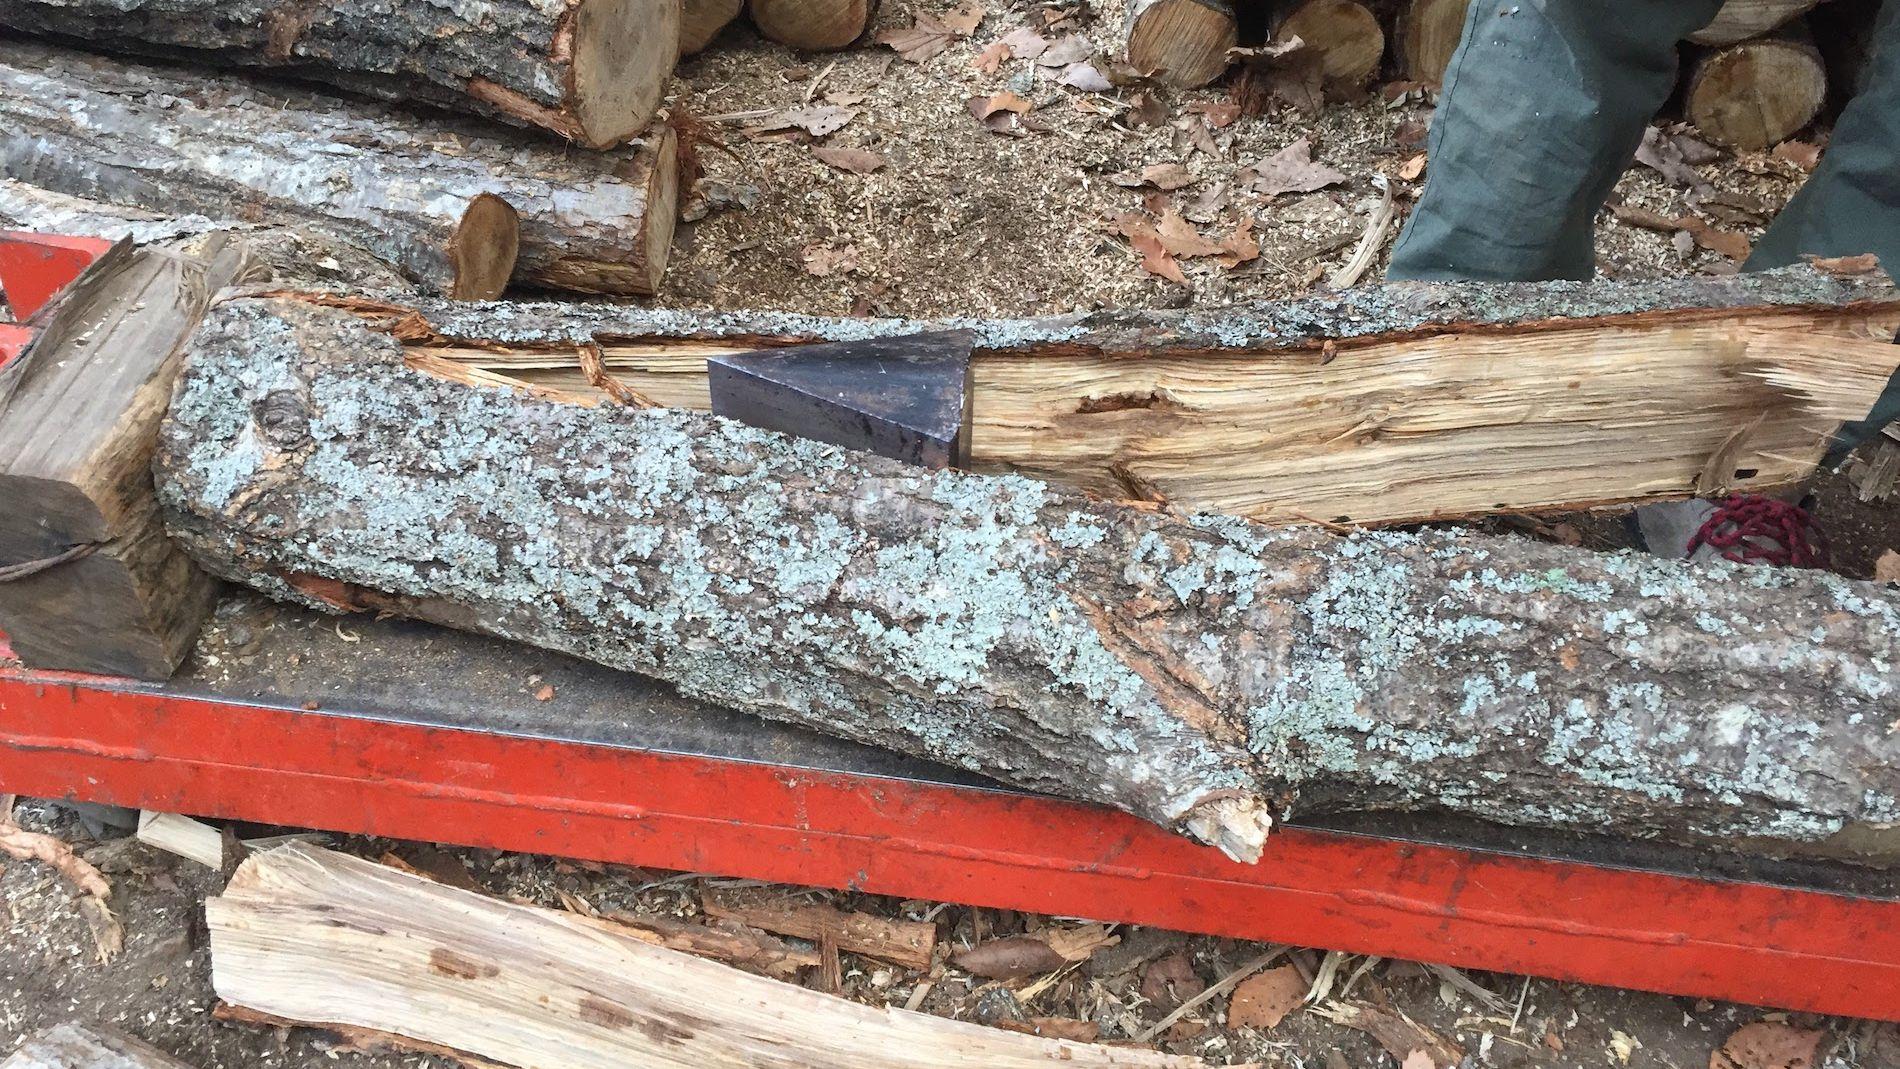 薪割りは重労働。楽しようと薪を薪割り機で割ってみた。